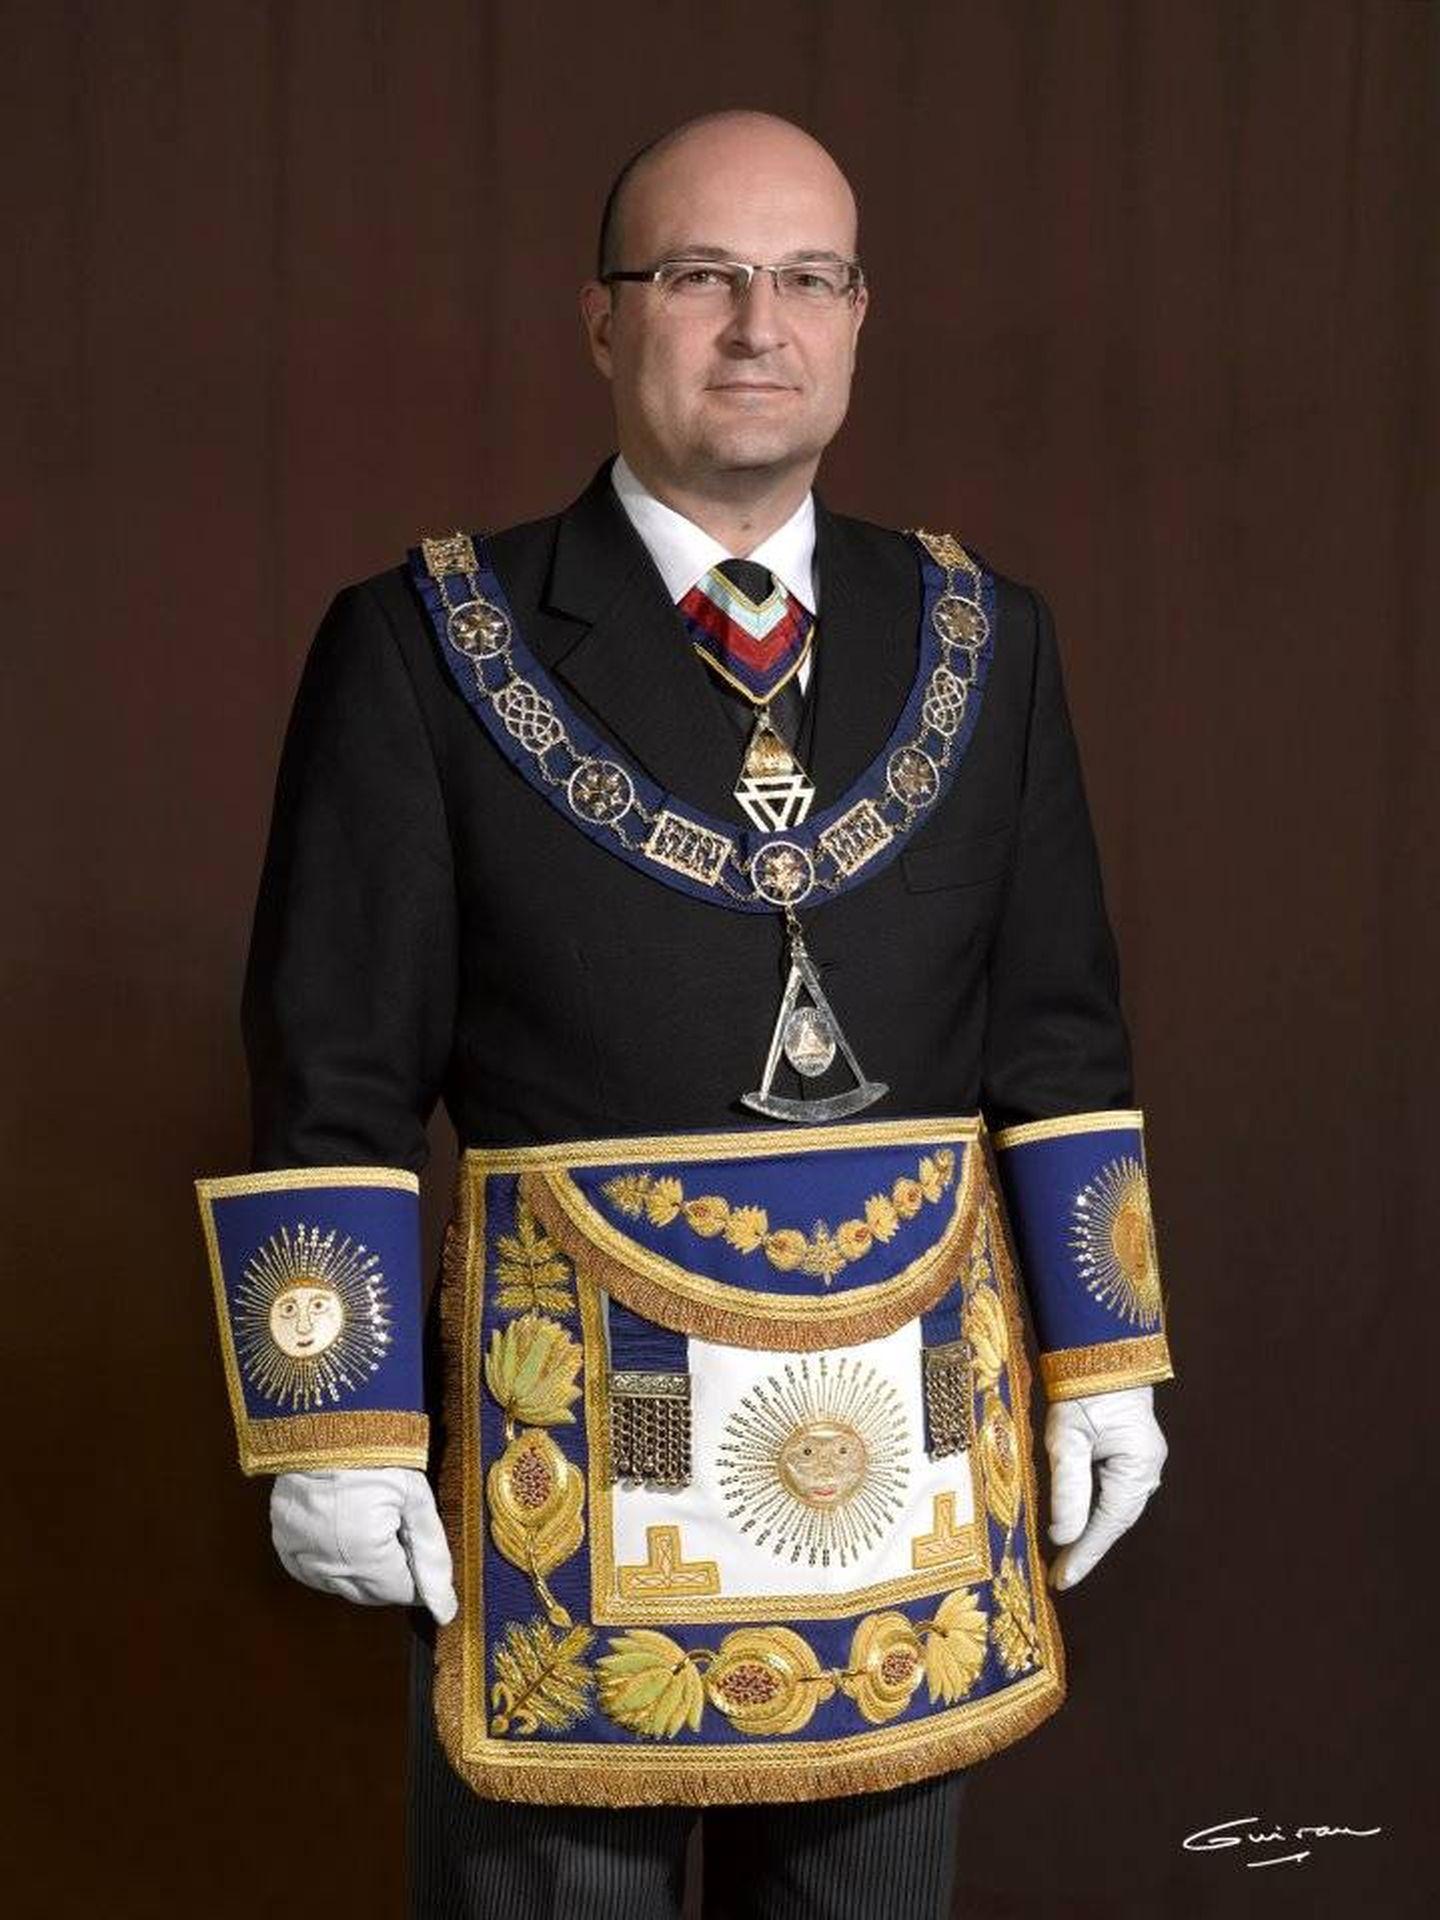 Oscar de Alfonso Ortega es el actual Gran Maestro de la Logia de España.